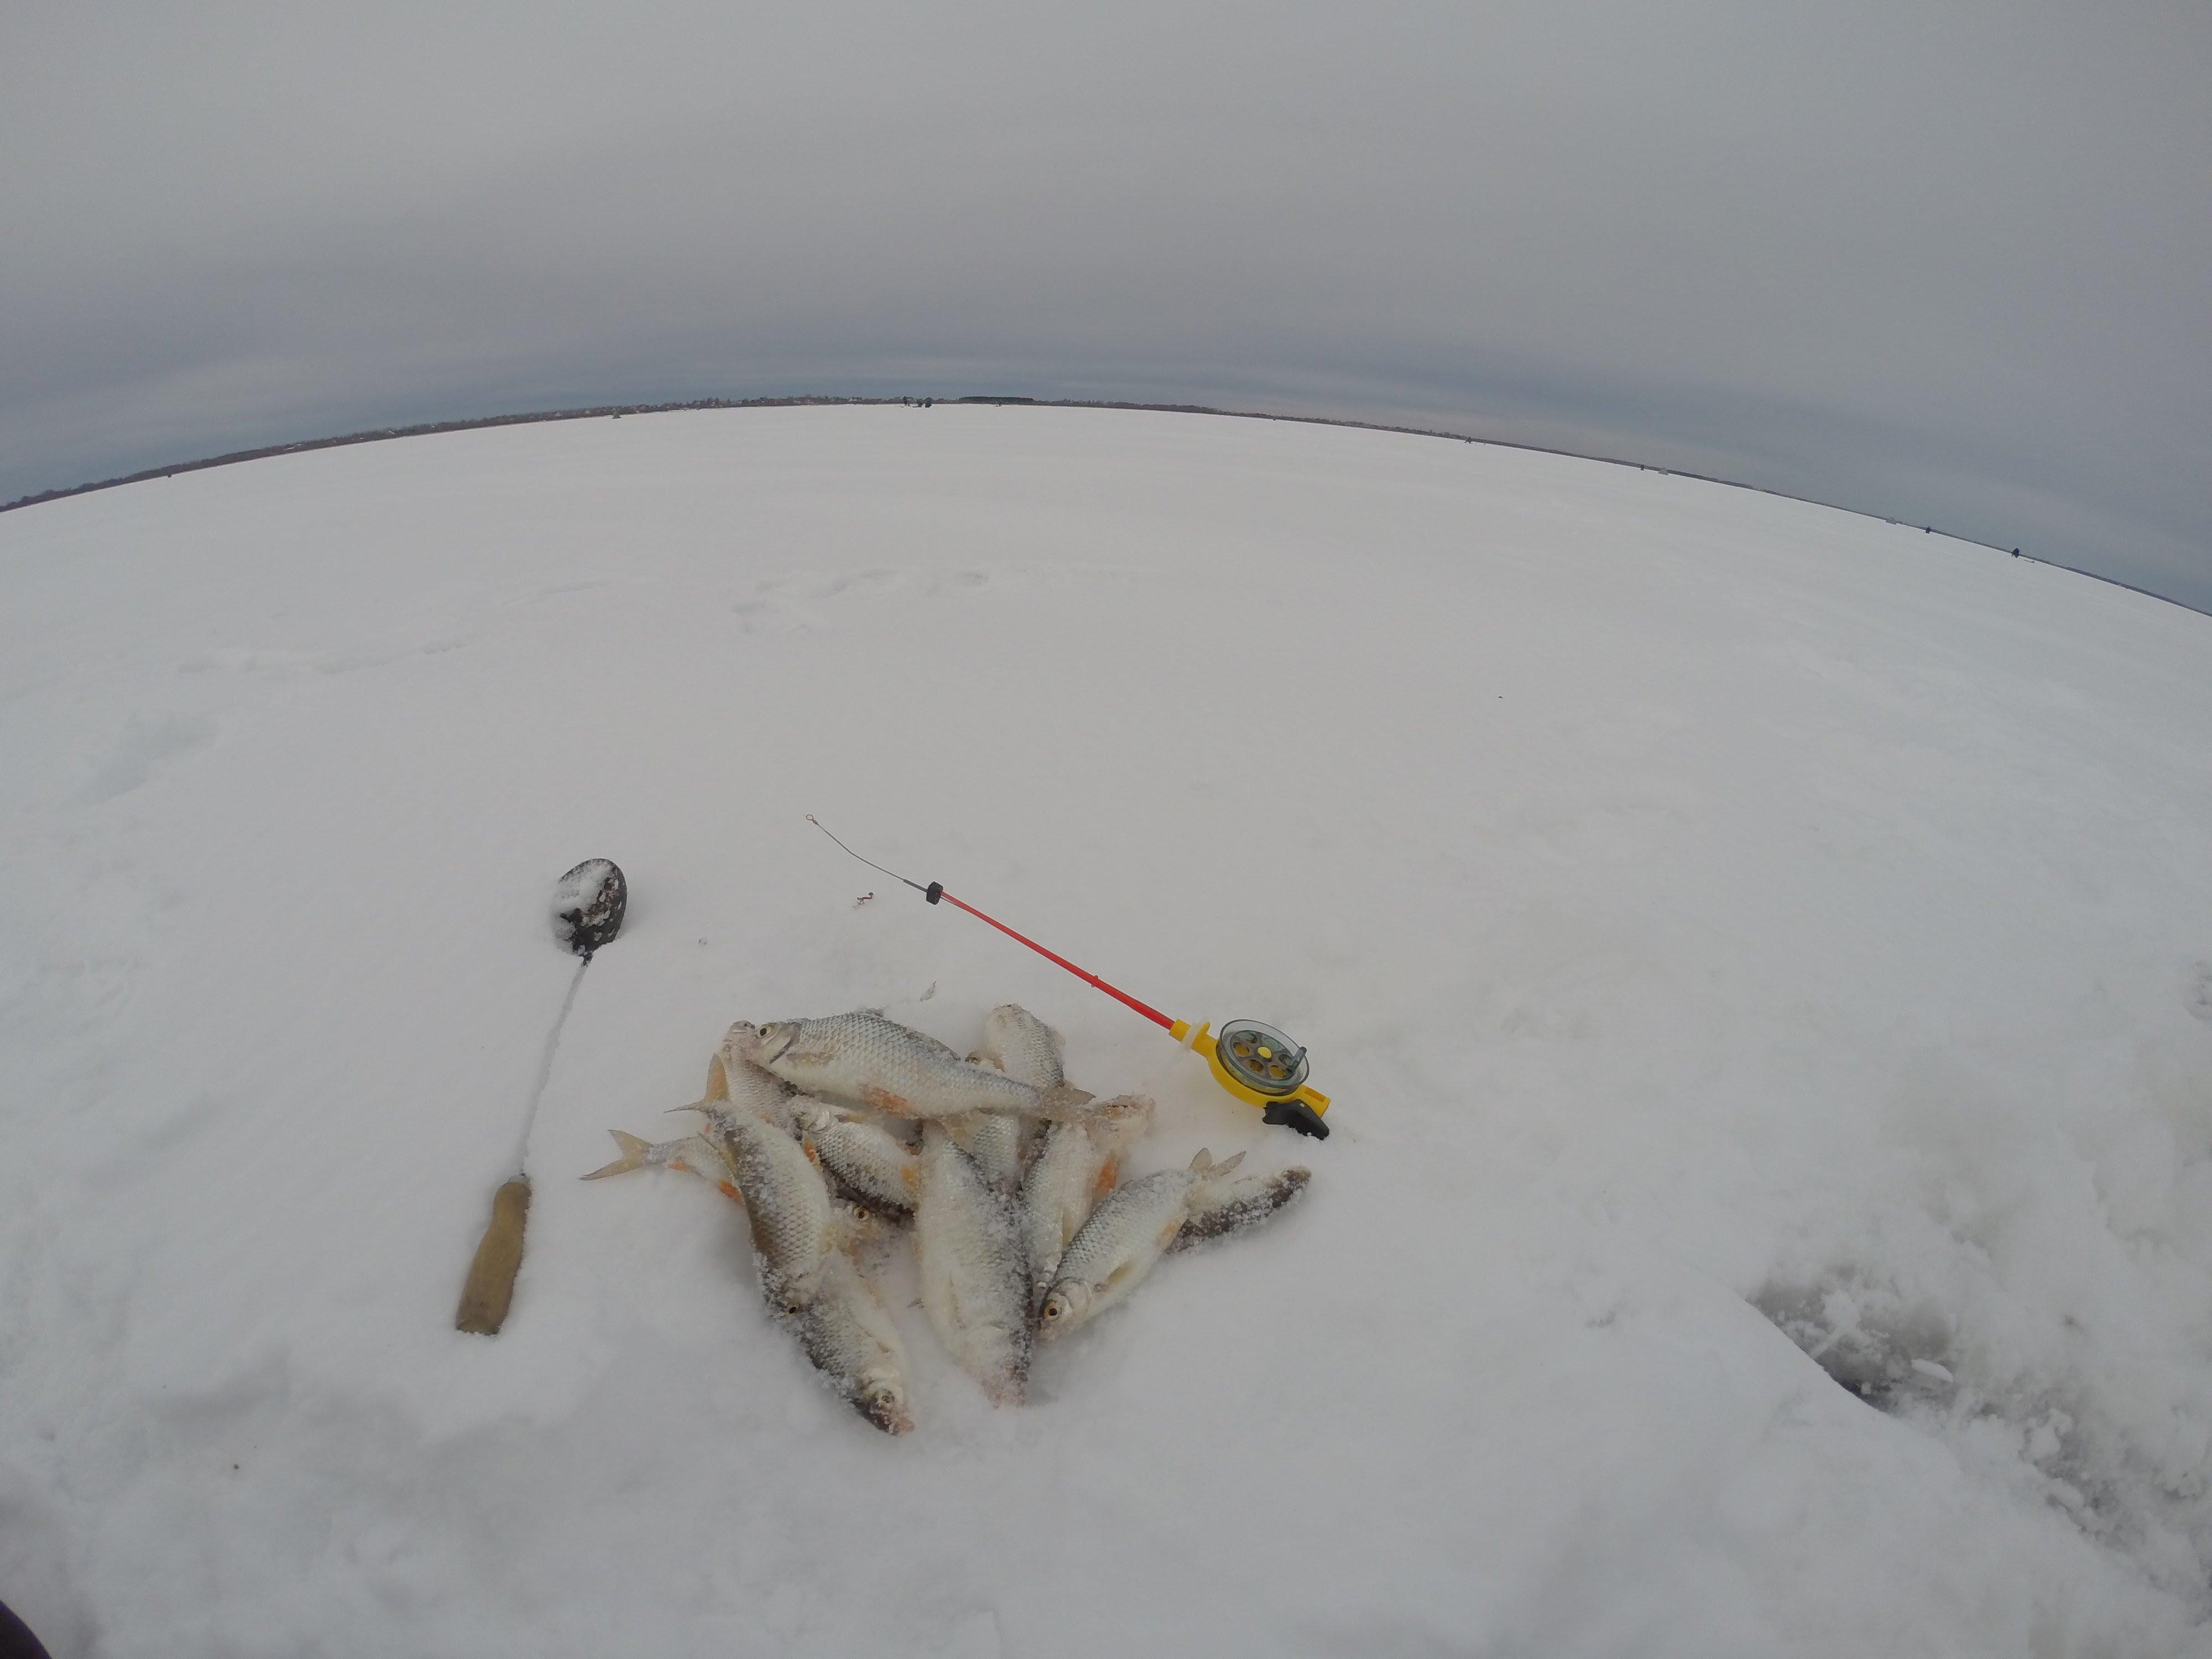 Ловля плотвы в глухозимье. Зимняя рыбалка на миниатюрную мормышку с мотылем. Удочка с кивком.